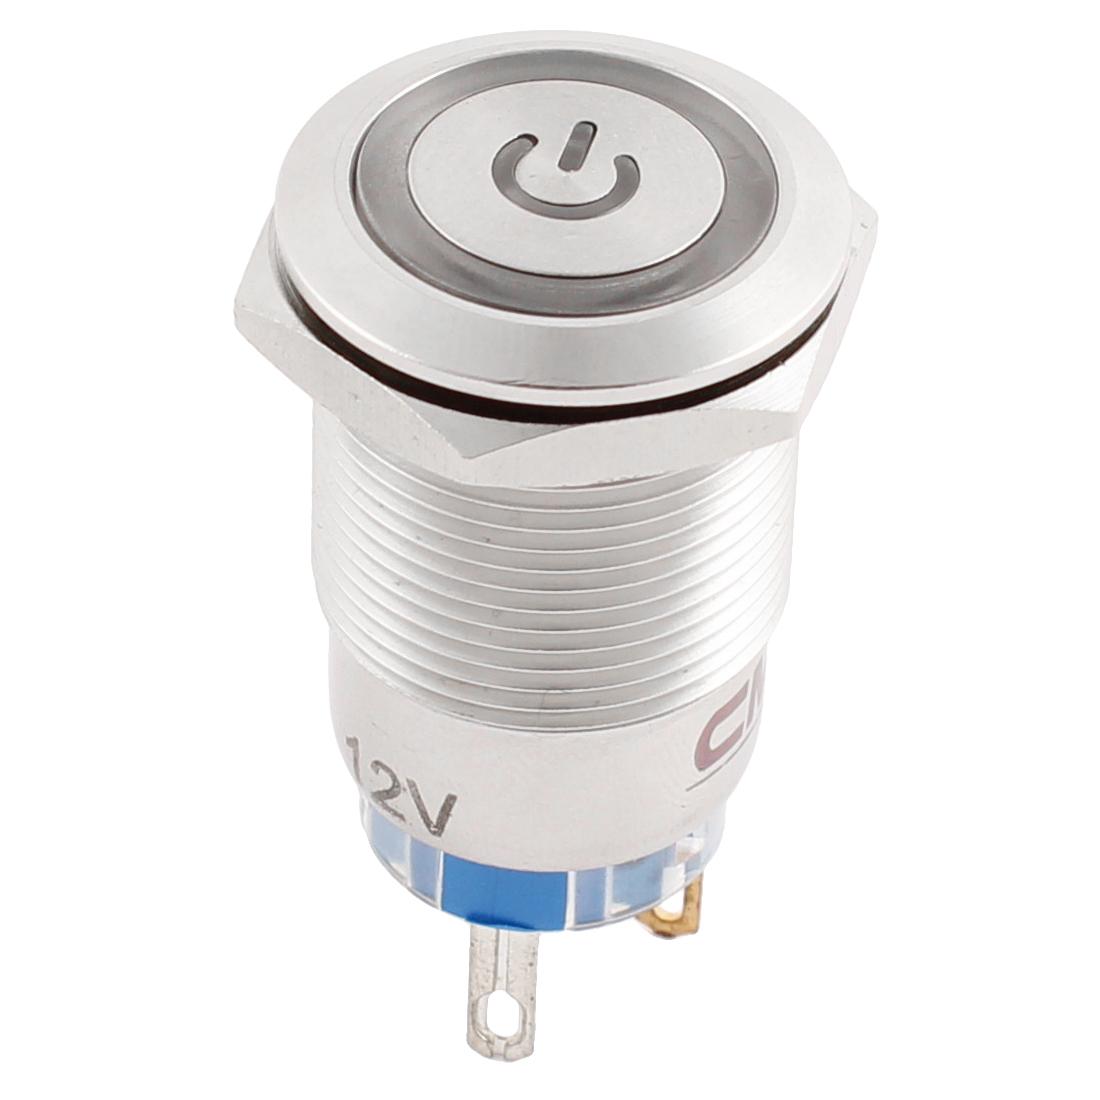 19mm SPDT Momentary DC 12V Green LED Car Metal Push Reset Switch